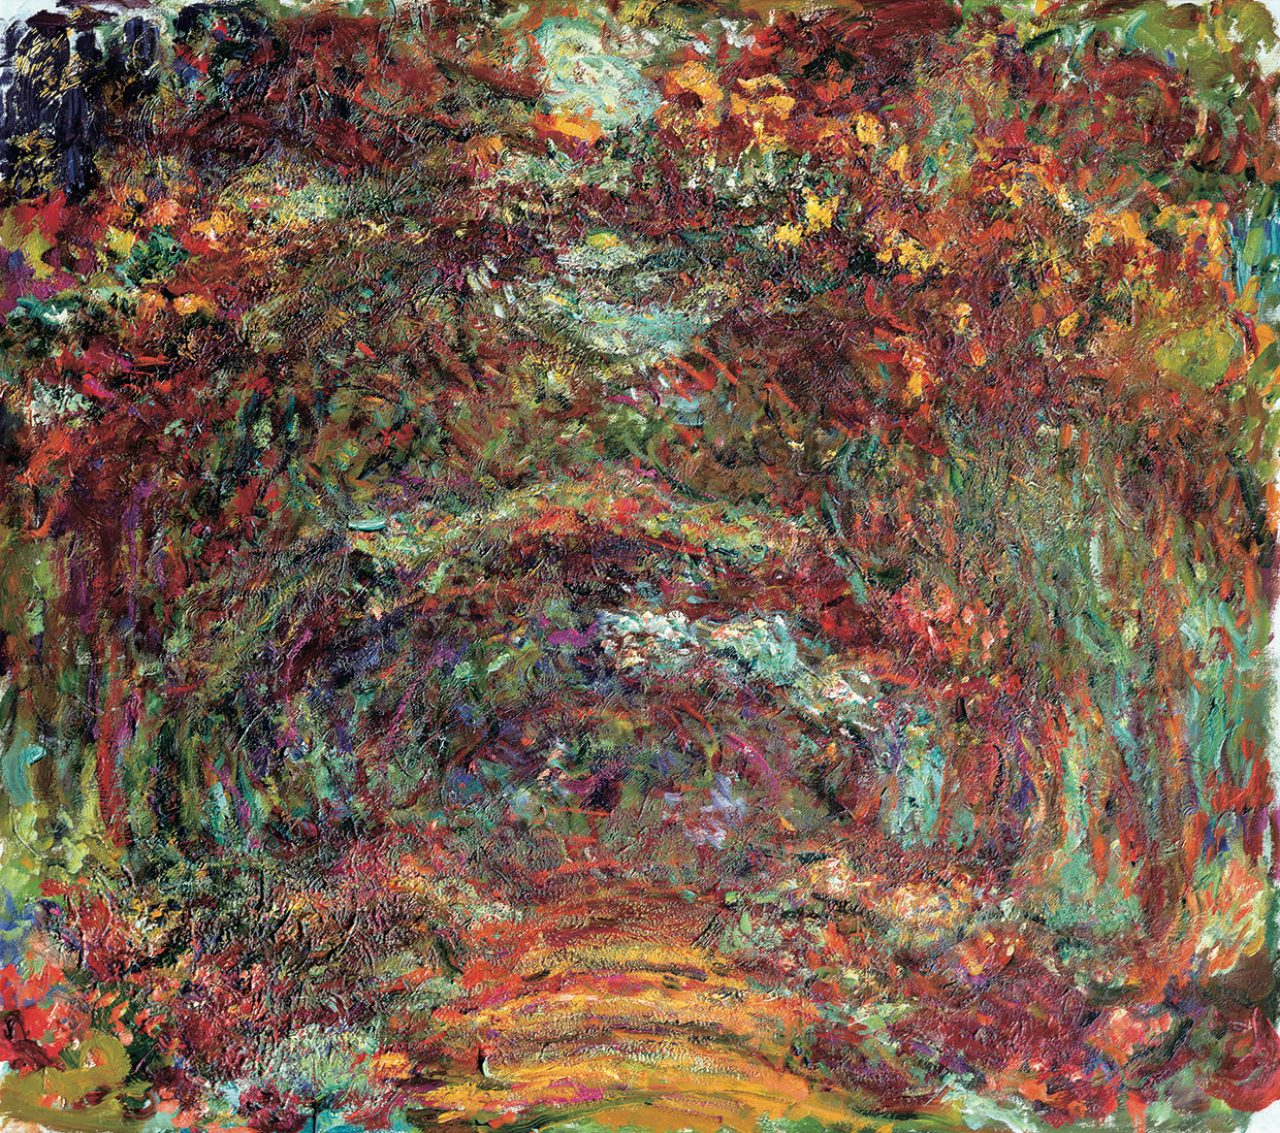 画像: クロード・モネ《バラの小道、ジヴェルニー》(1920-22年)  Musée Marmottan Monet, Paris © Bridgeman-Giraudon